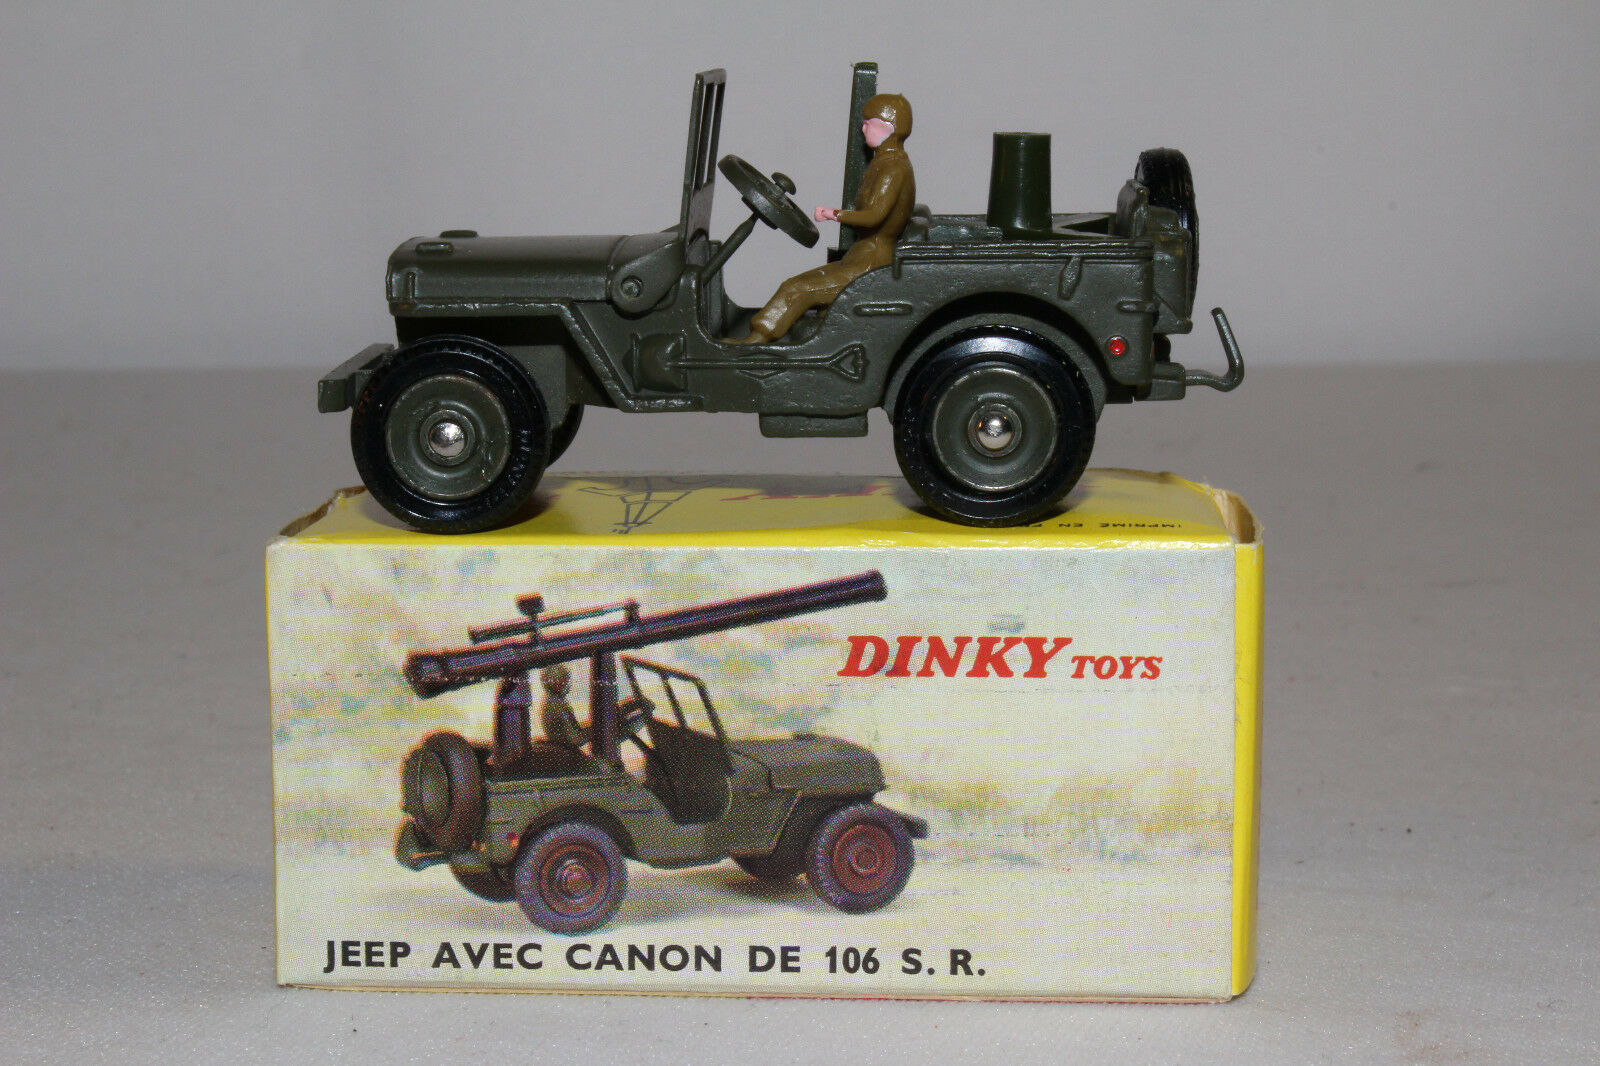 Années 1960 French Dinky  829 Jeep avec monté  Cannon, Nice avec boîte d'origine, lot 4  vous rendre satisfait